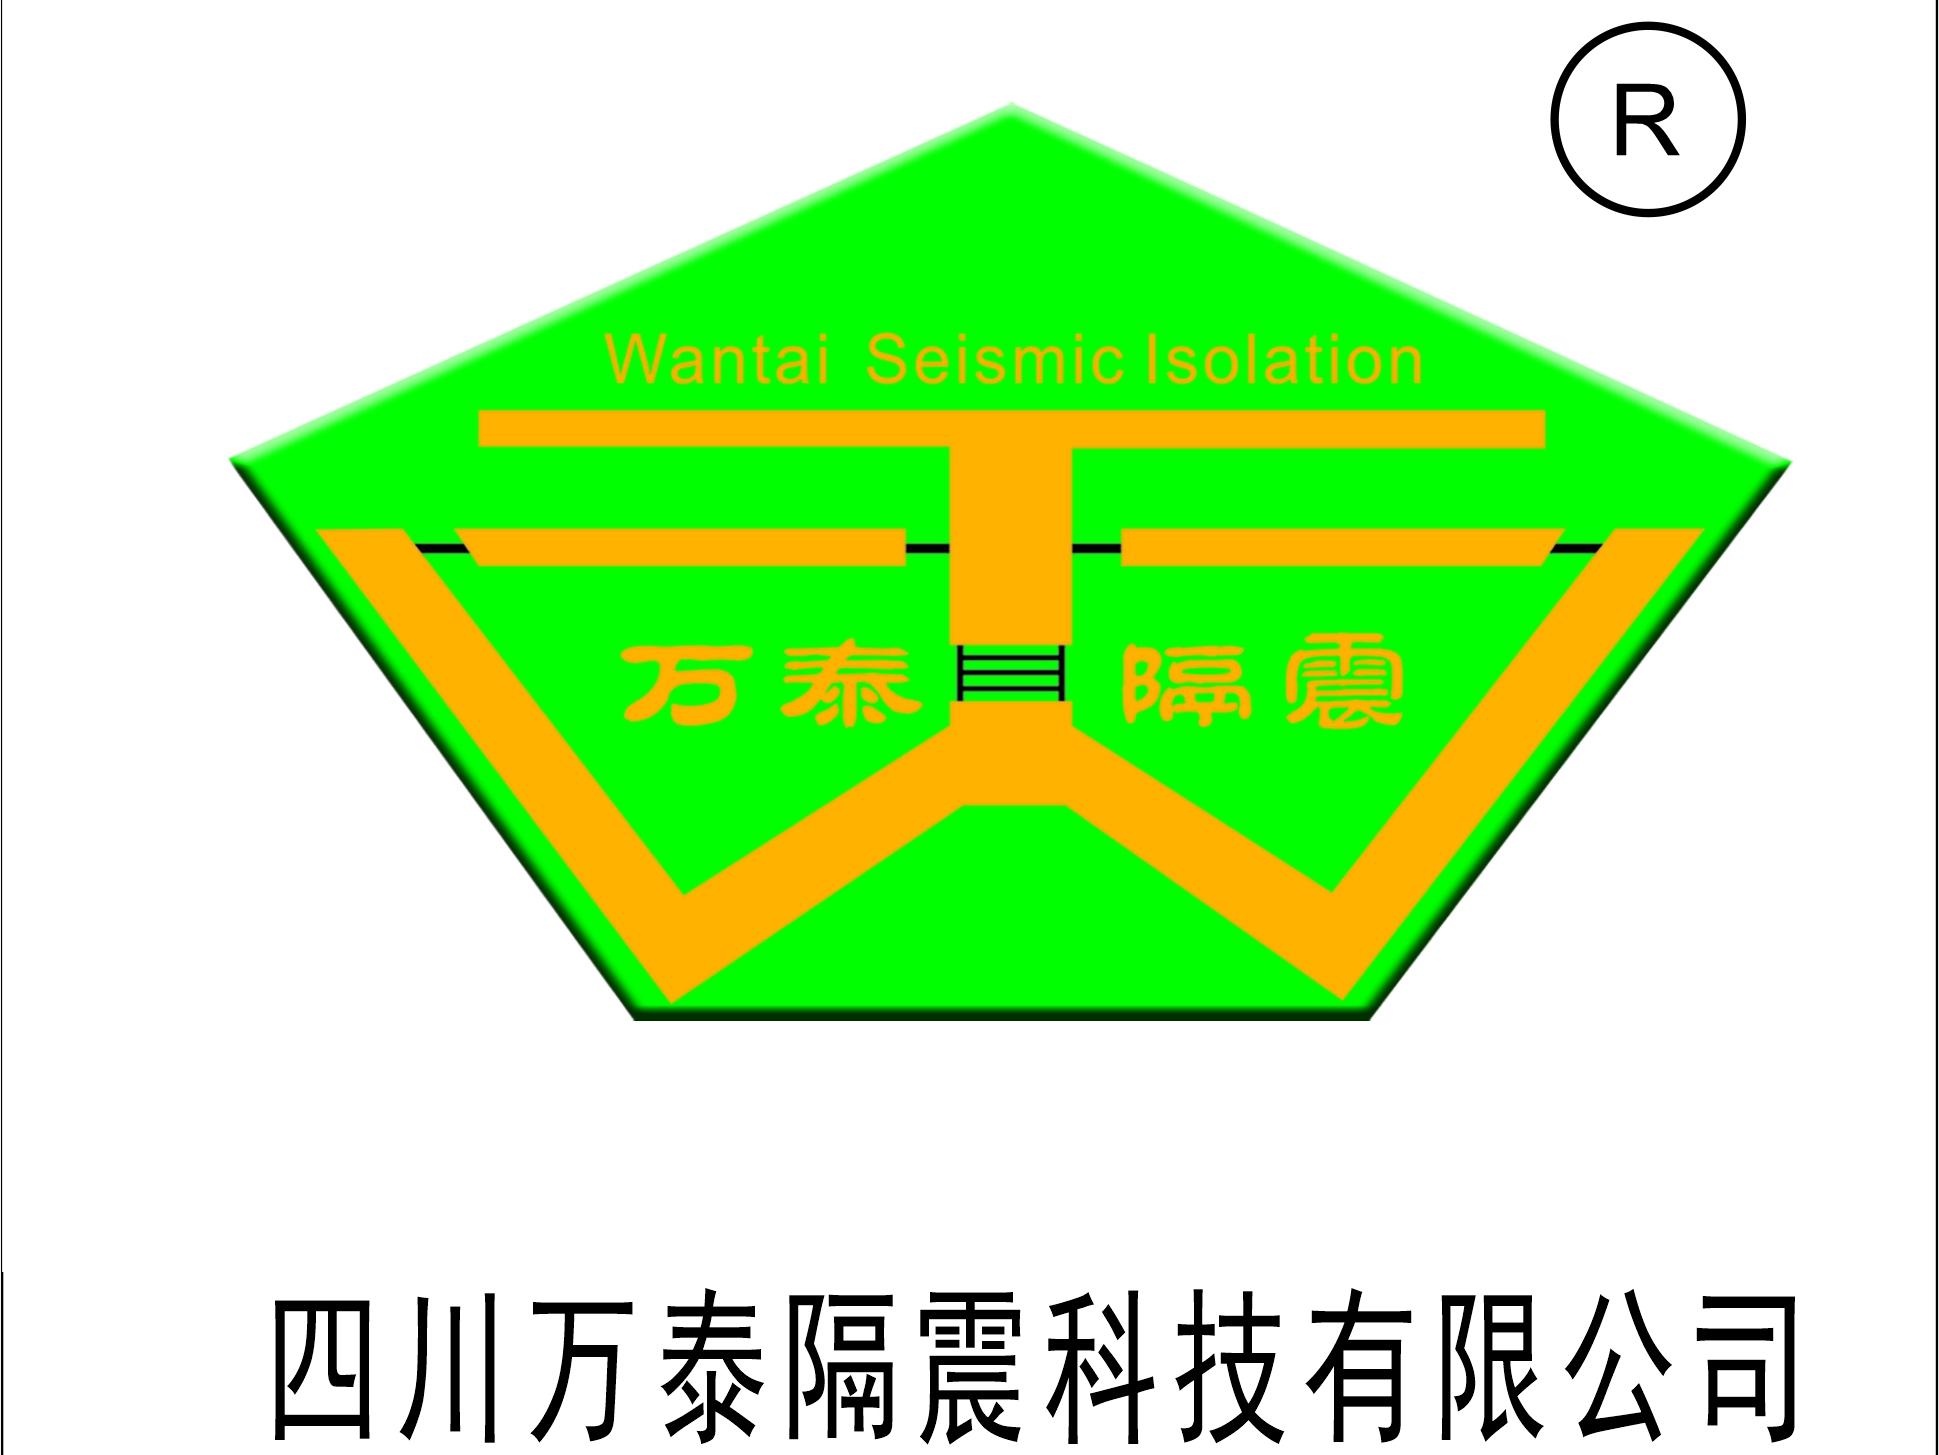 四川万泰隔震科技有限公司